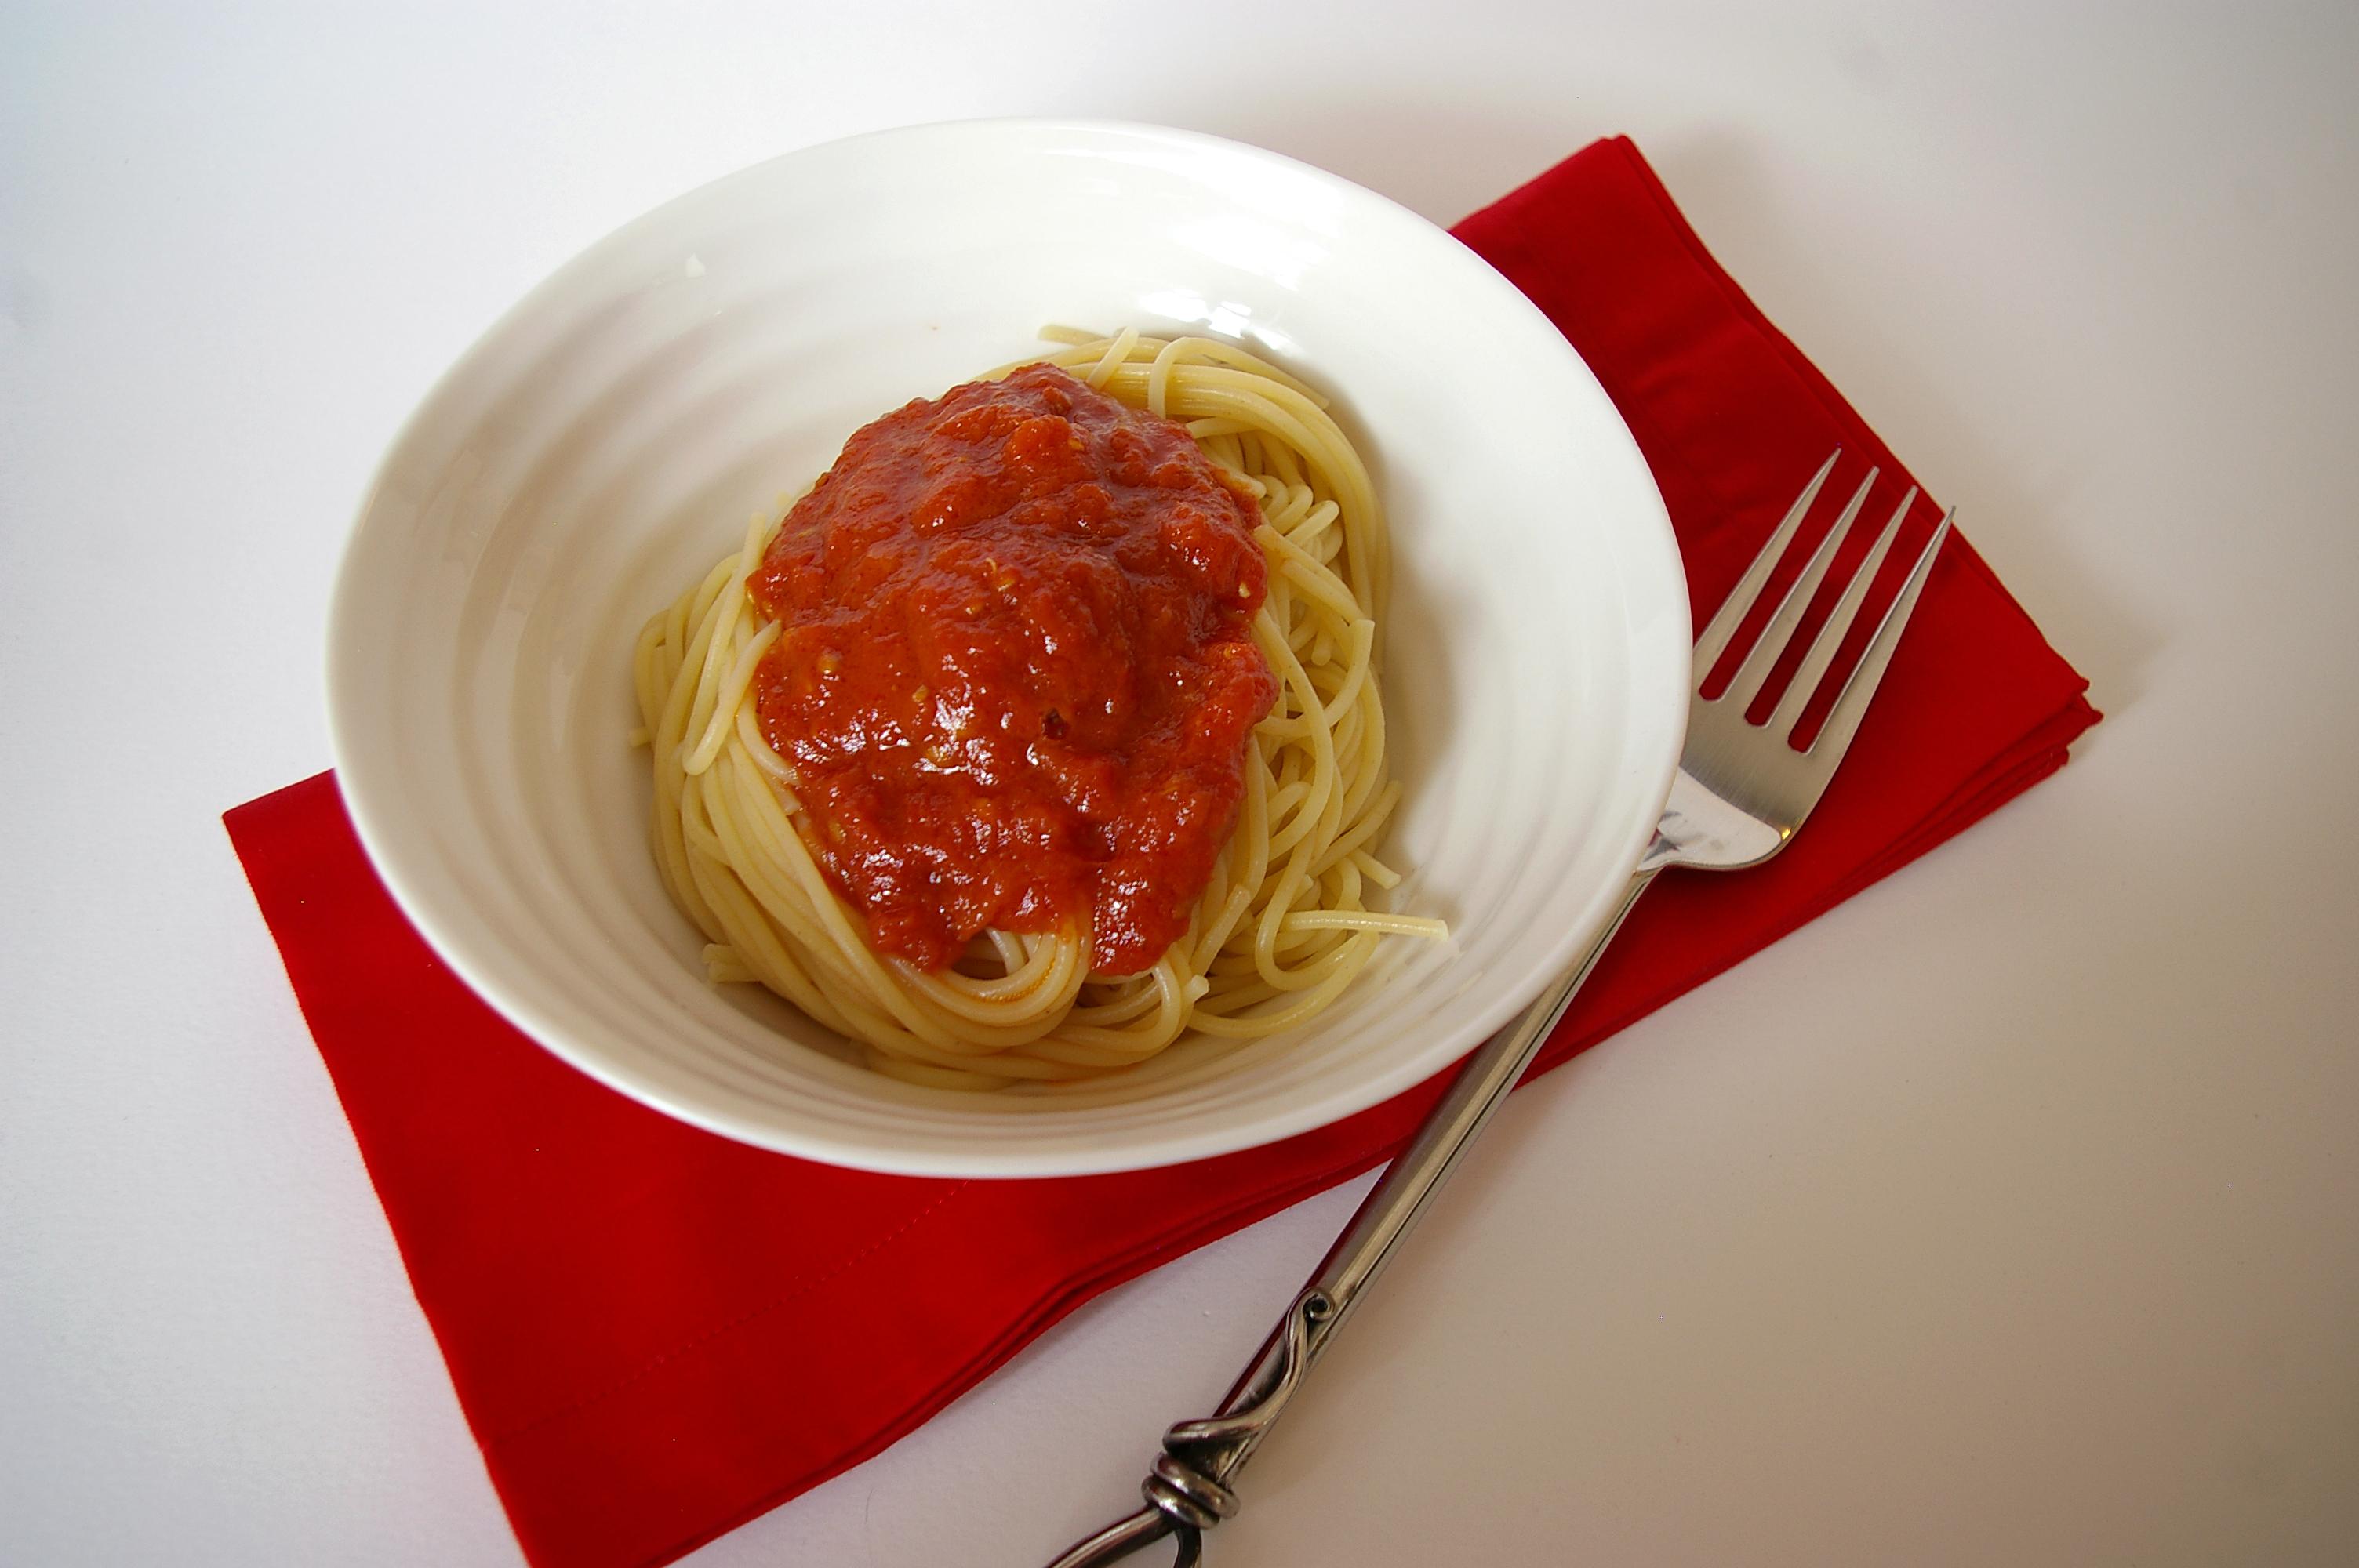 Spaghetti and Sauce I